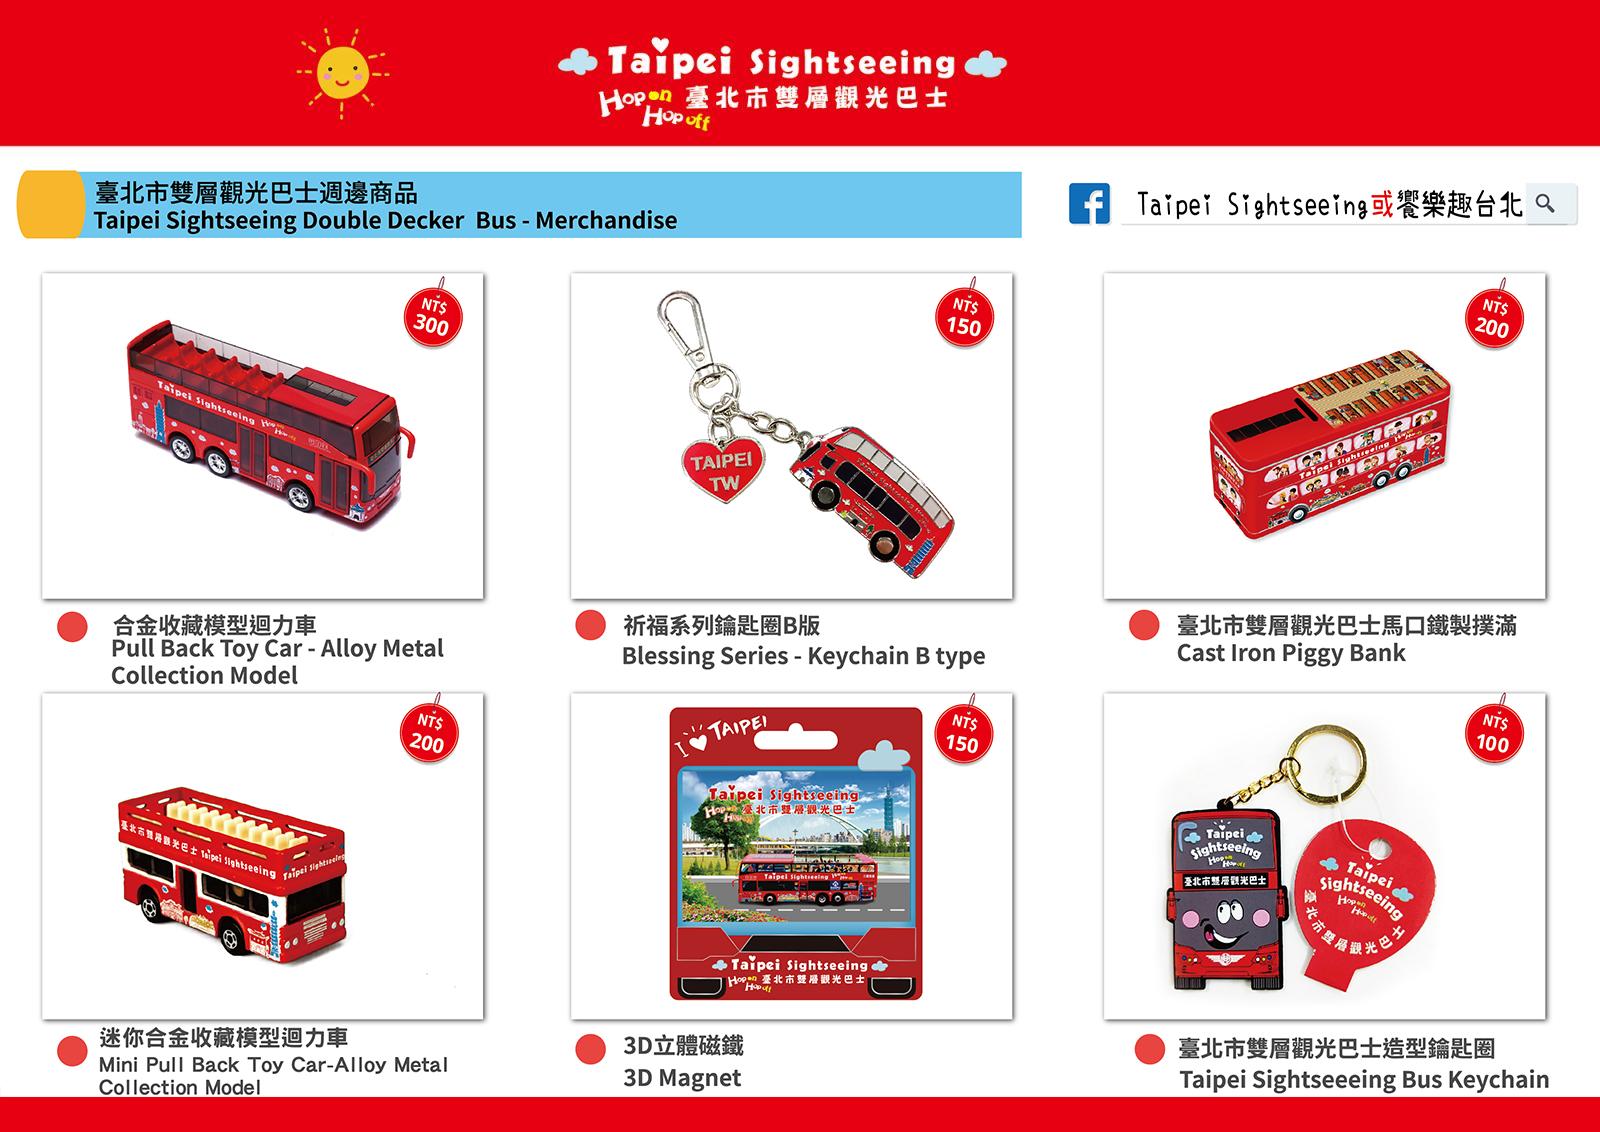 台北市雙層觀光巴士 模型車 鑰匙圈 磁鐵